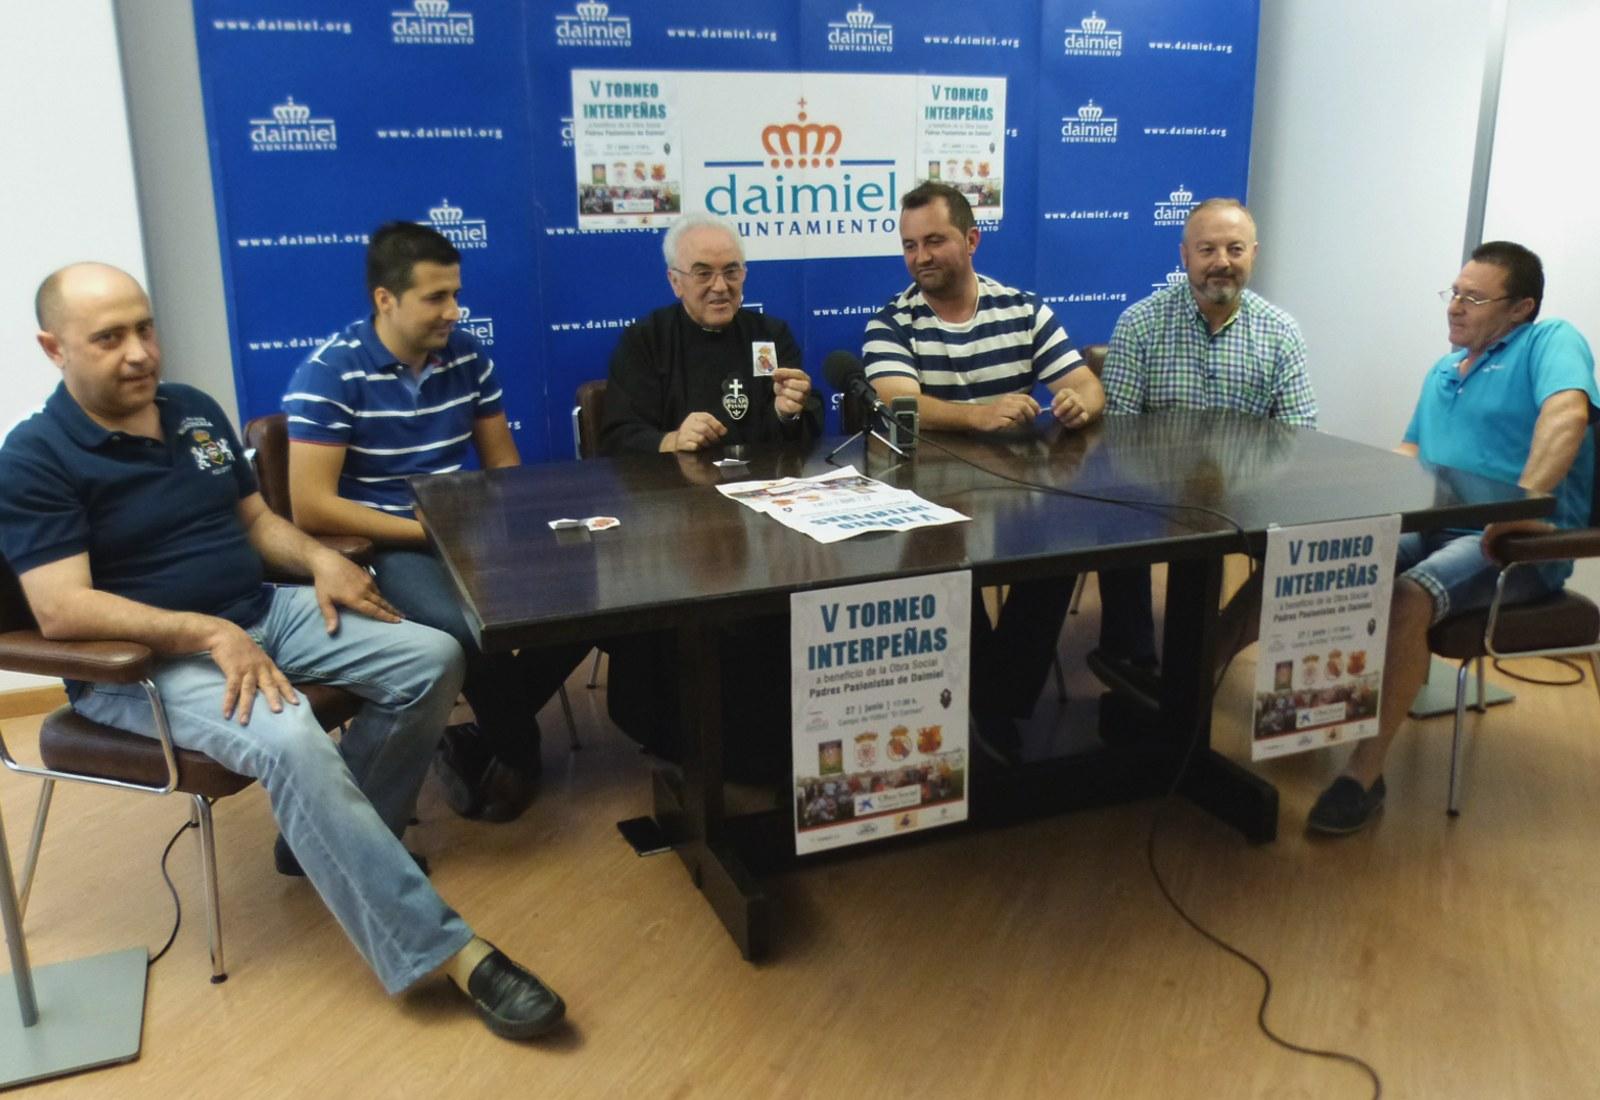 Compañerismo y solidaridad en el V Torneo Interpeñas de fútbol 7 de Daimiel